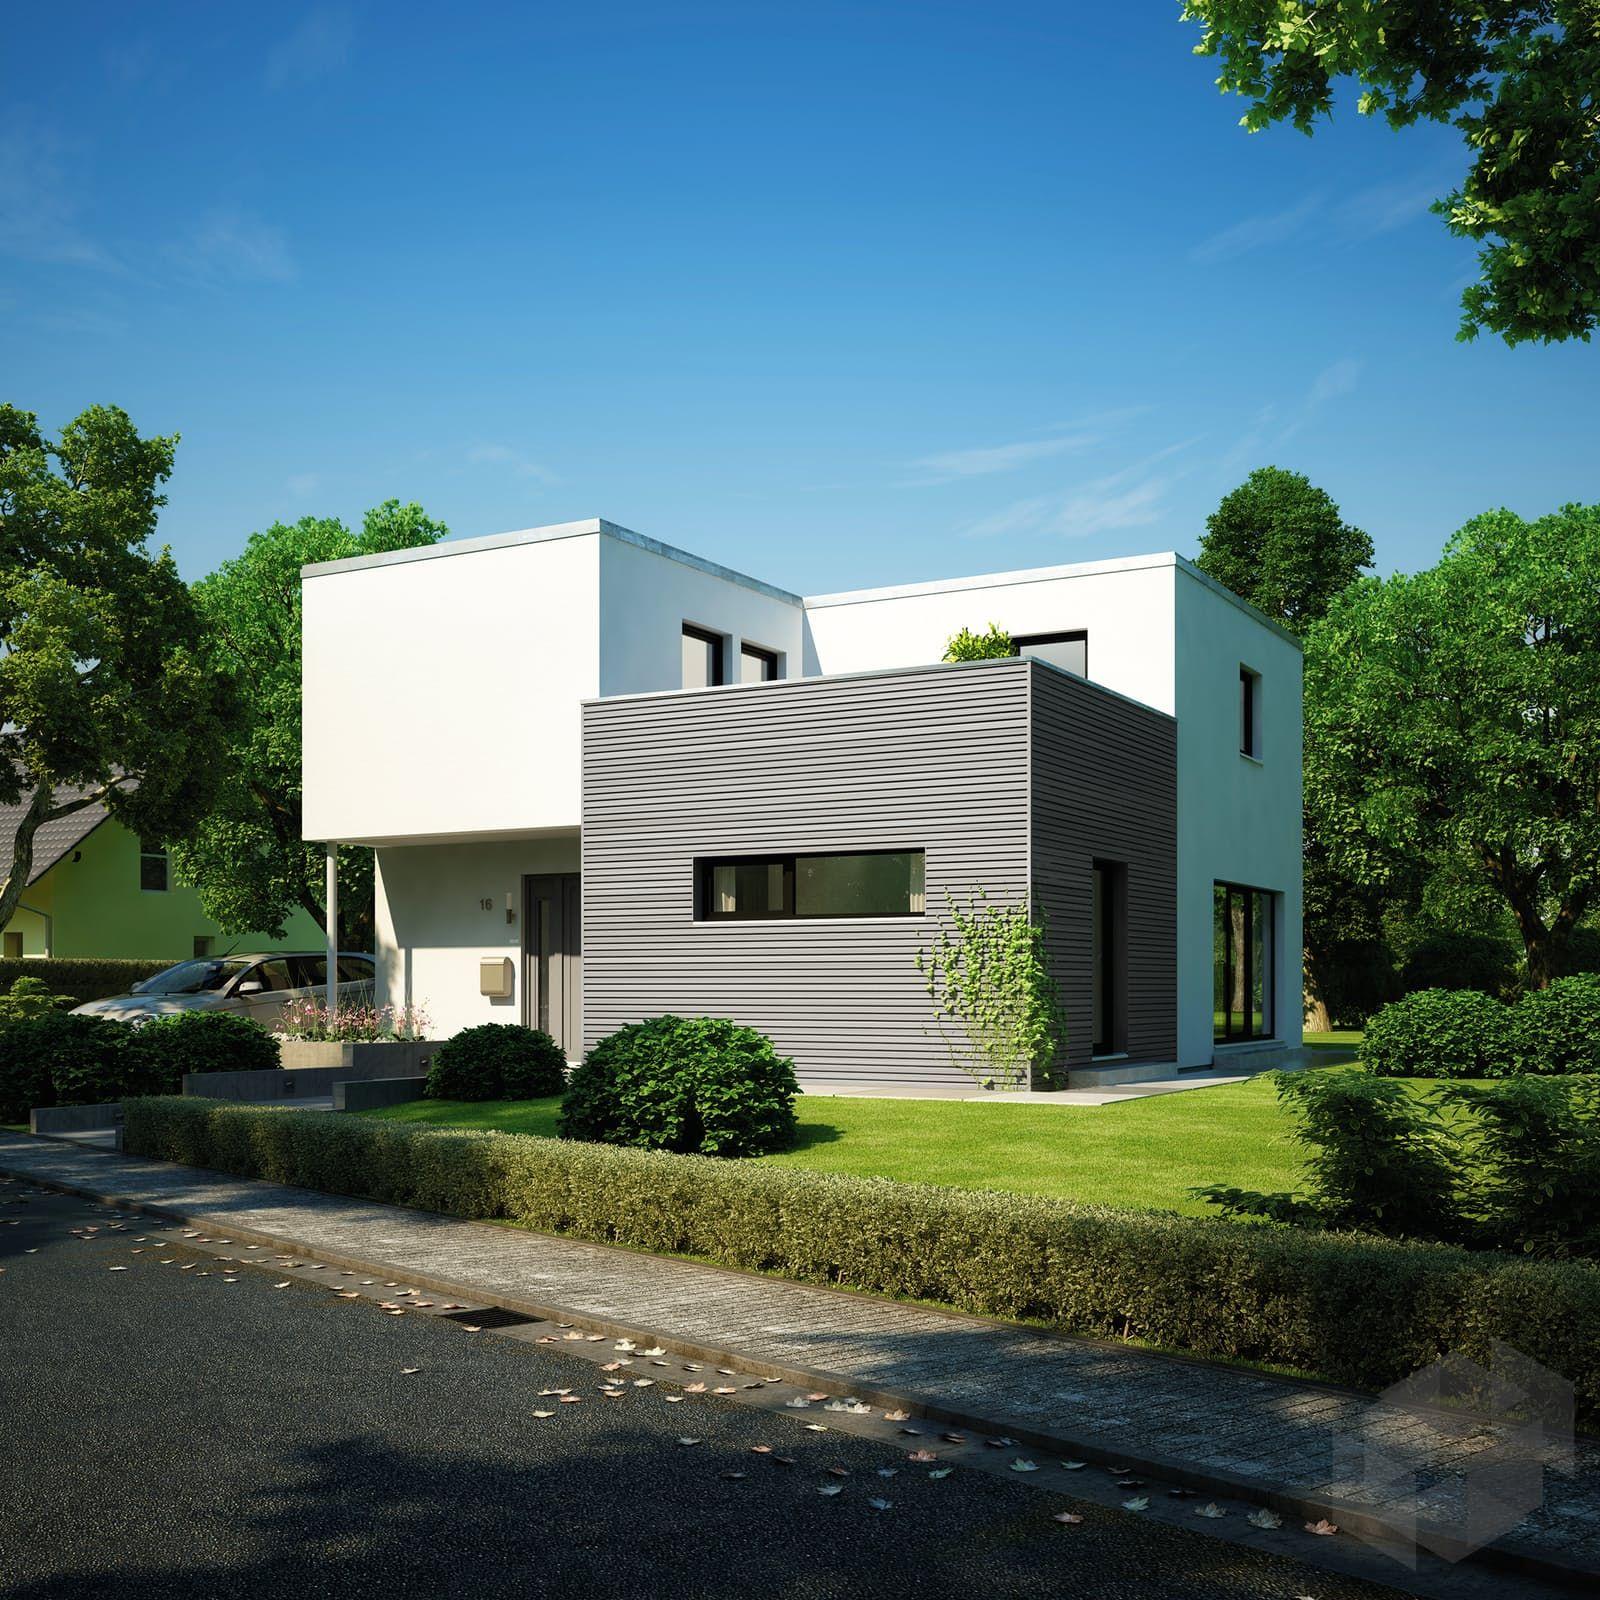 Finde eine große Auswahl an Häusern mit Dachterrasse beim klicken ...